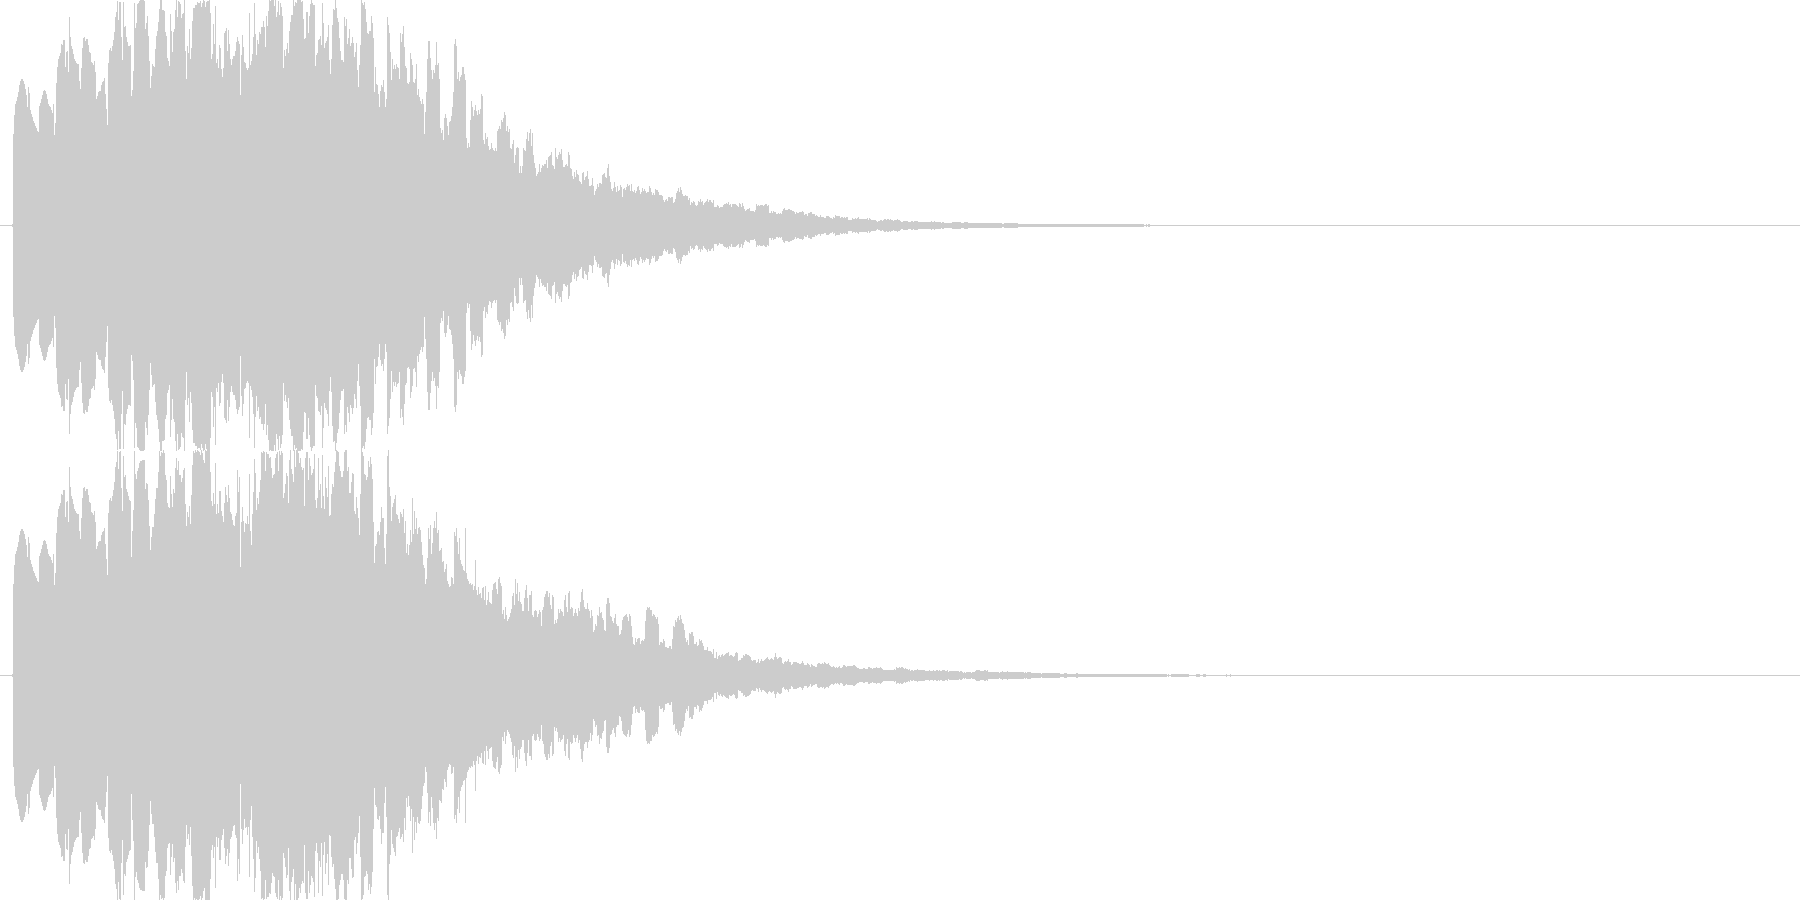 キラキラ・シャラララと広がるような音の未再生の波形